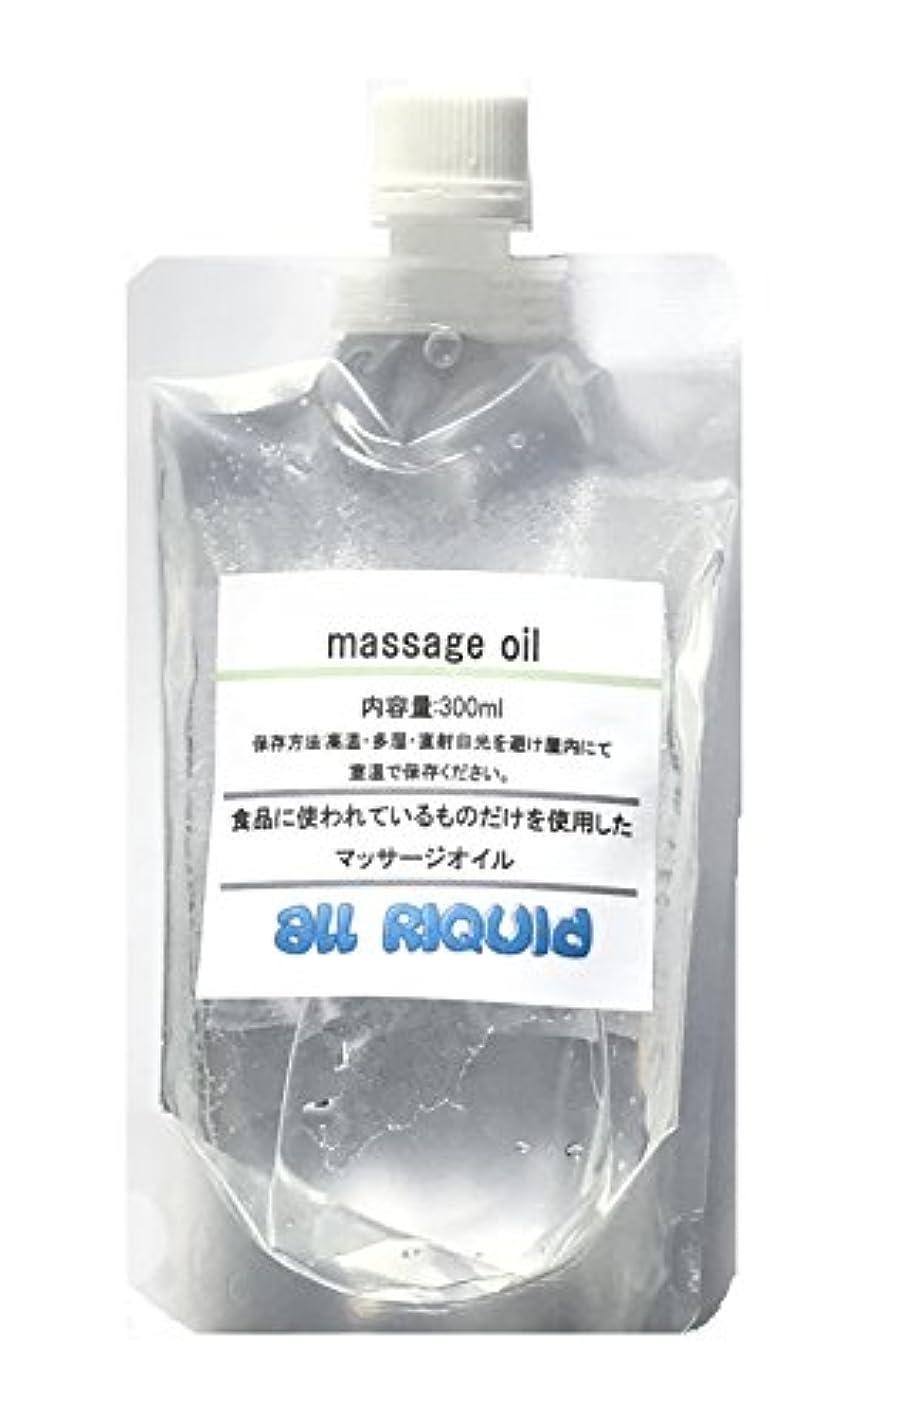 慢入口アナリスト(国産) 食品に使われているものしか入っていないアロママッサージオイル 優雅 ローズオイル入り オールリキッド 300ml (グリセリン クエン酸) 配合 大容量